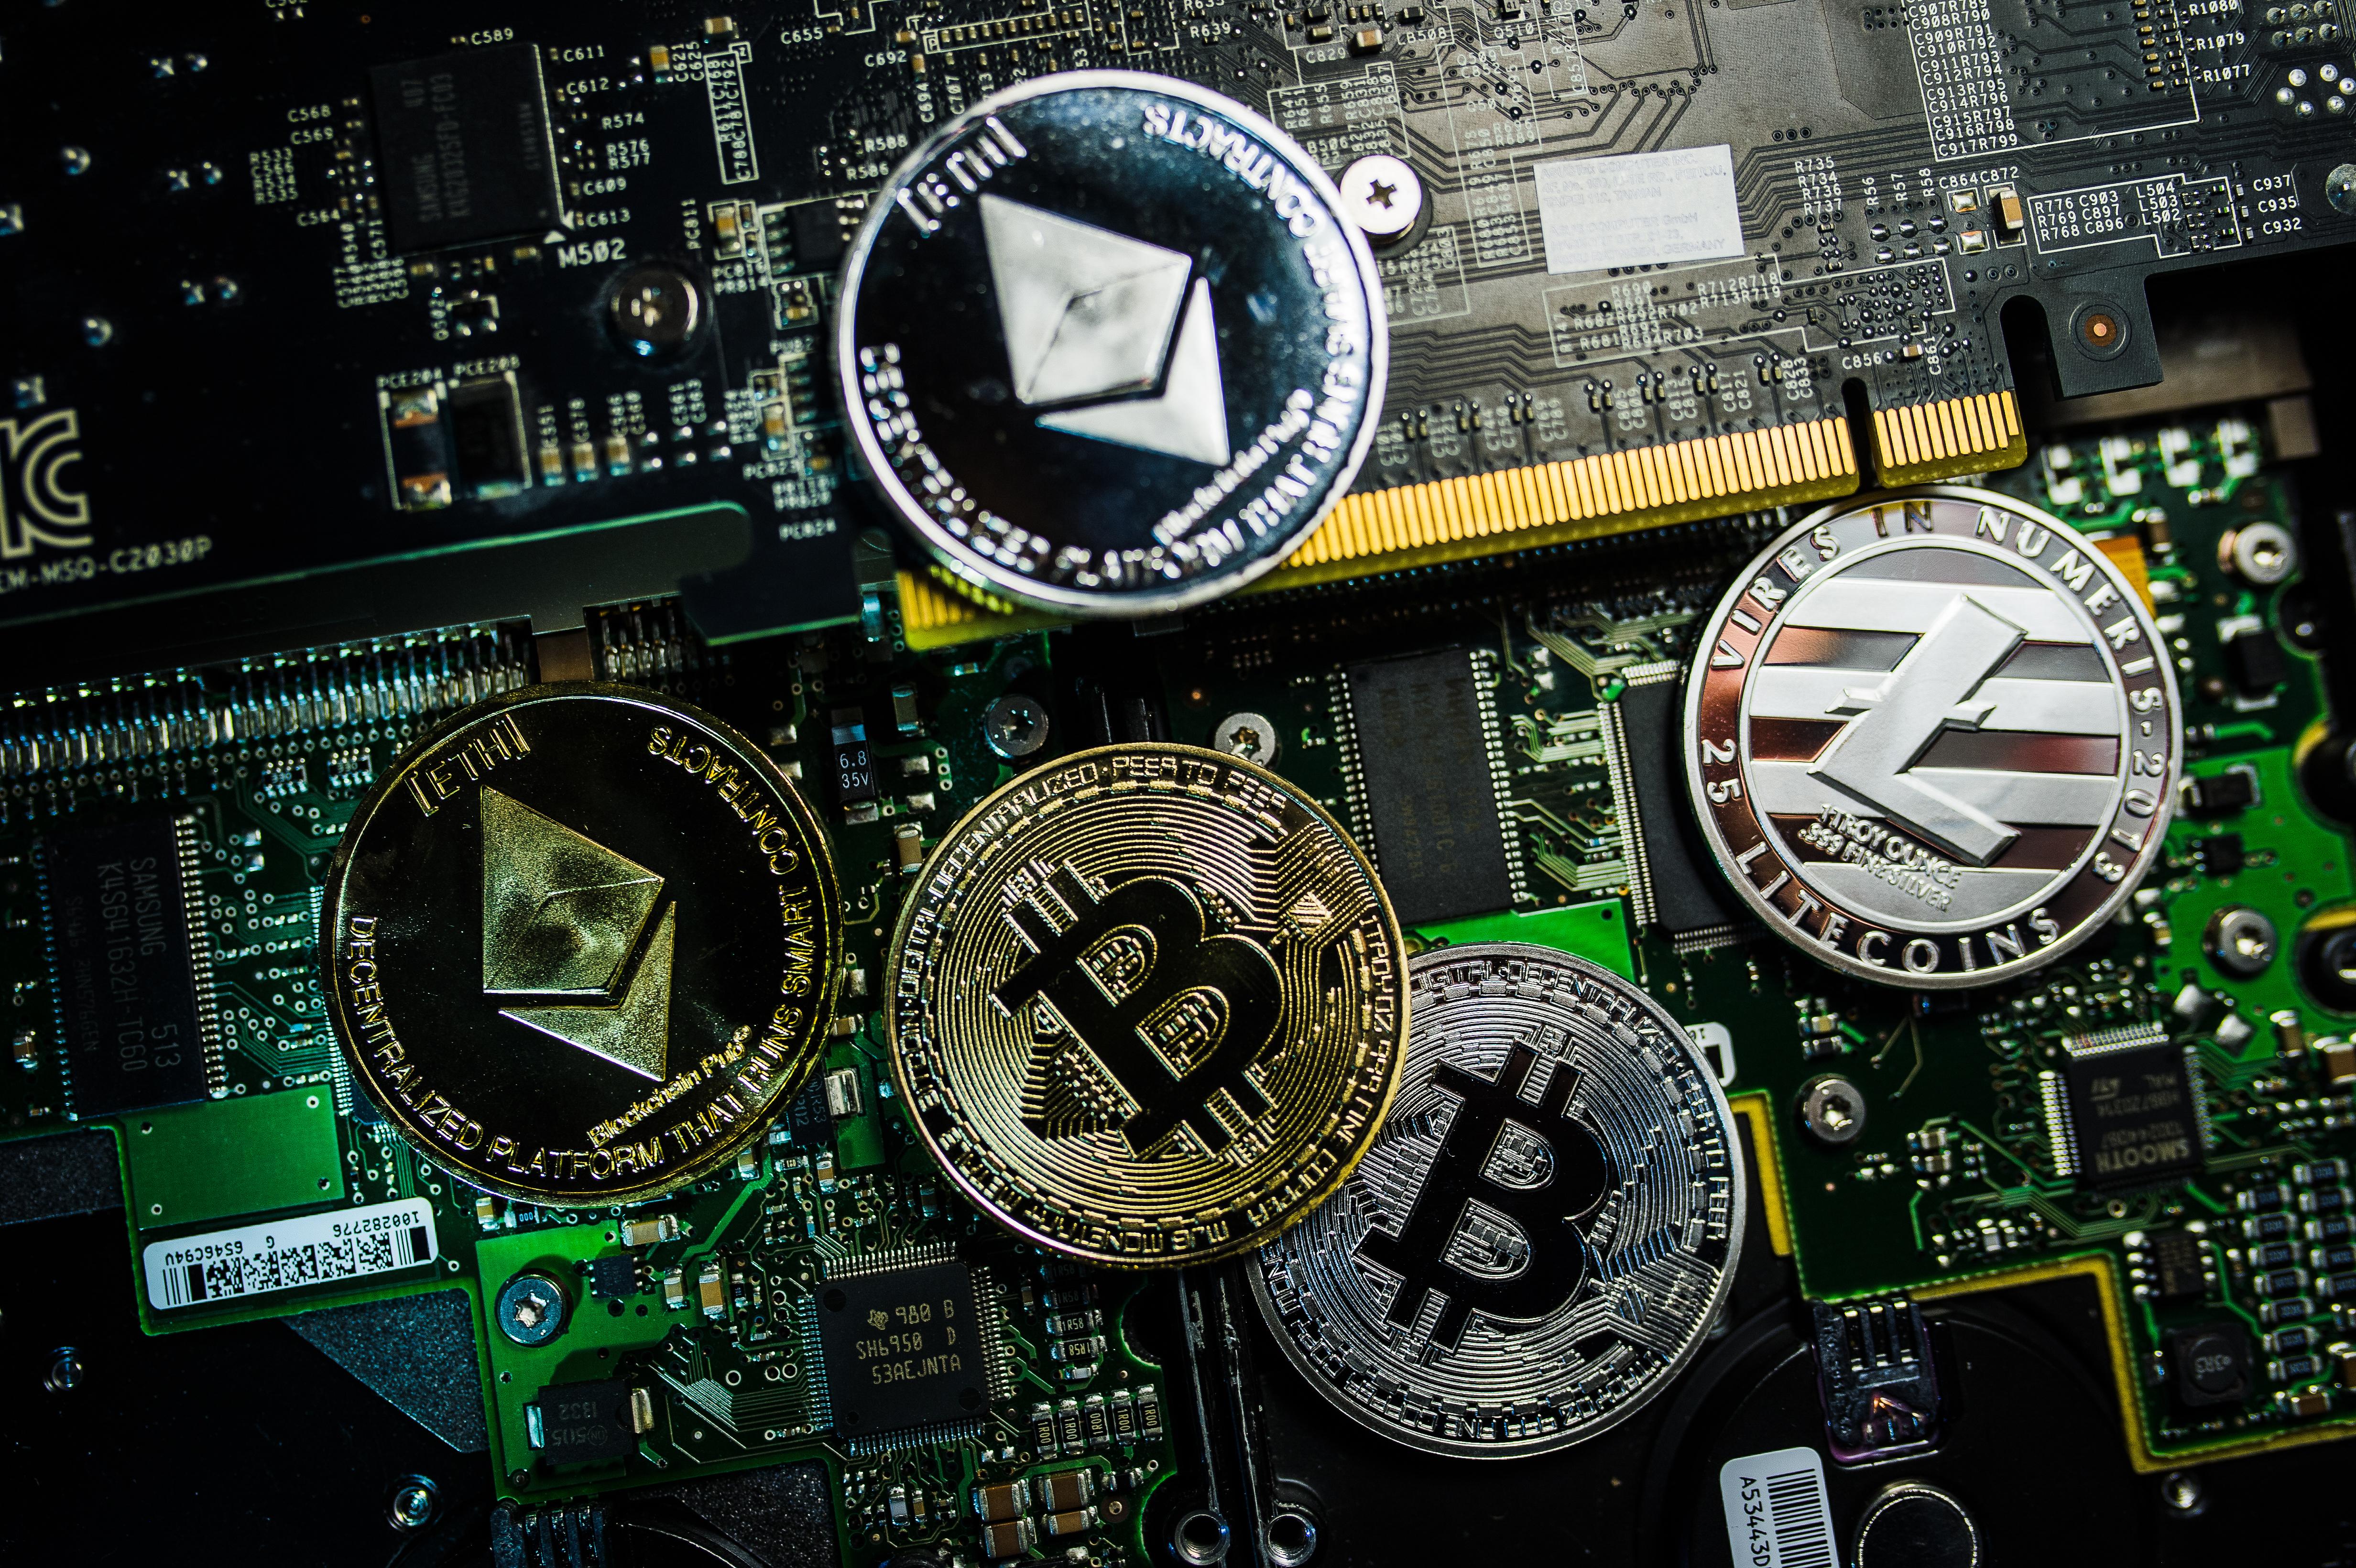 Több mint 75 milliárd forint értékű kriptovalutát foglalt le a londoni rendőrség egy pénzmosási ügyben